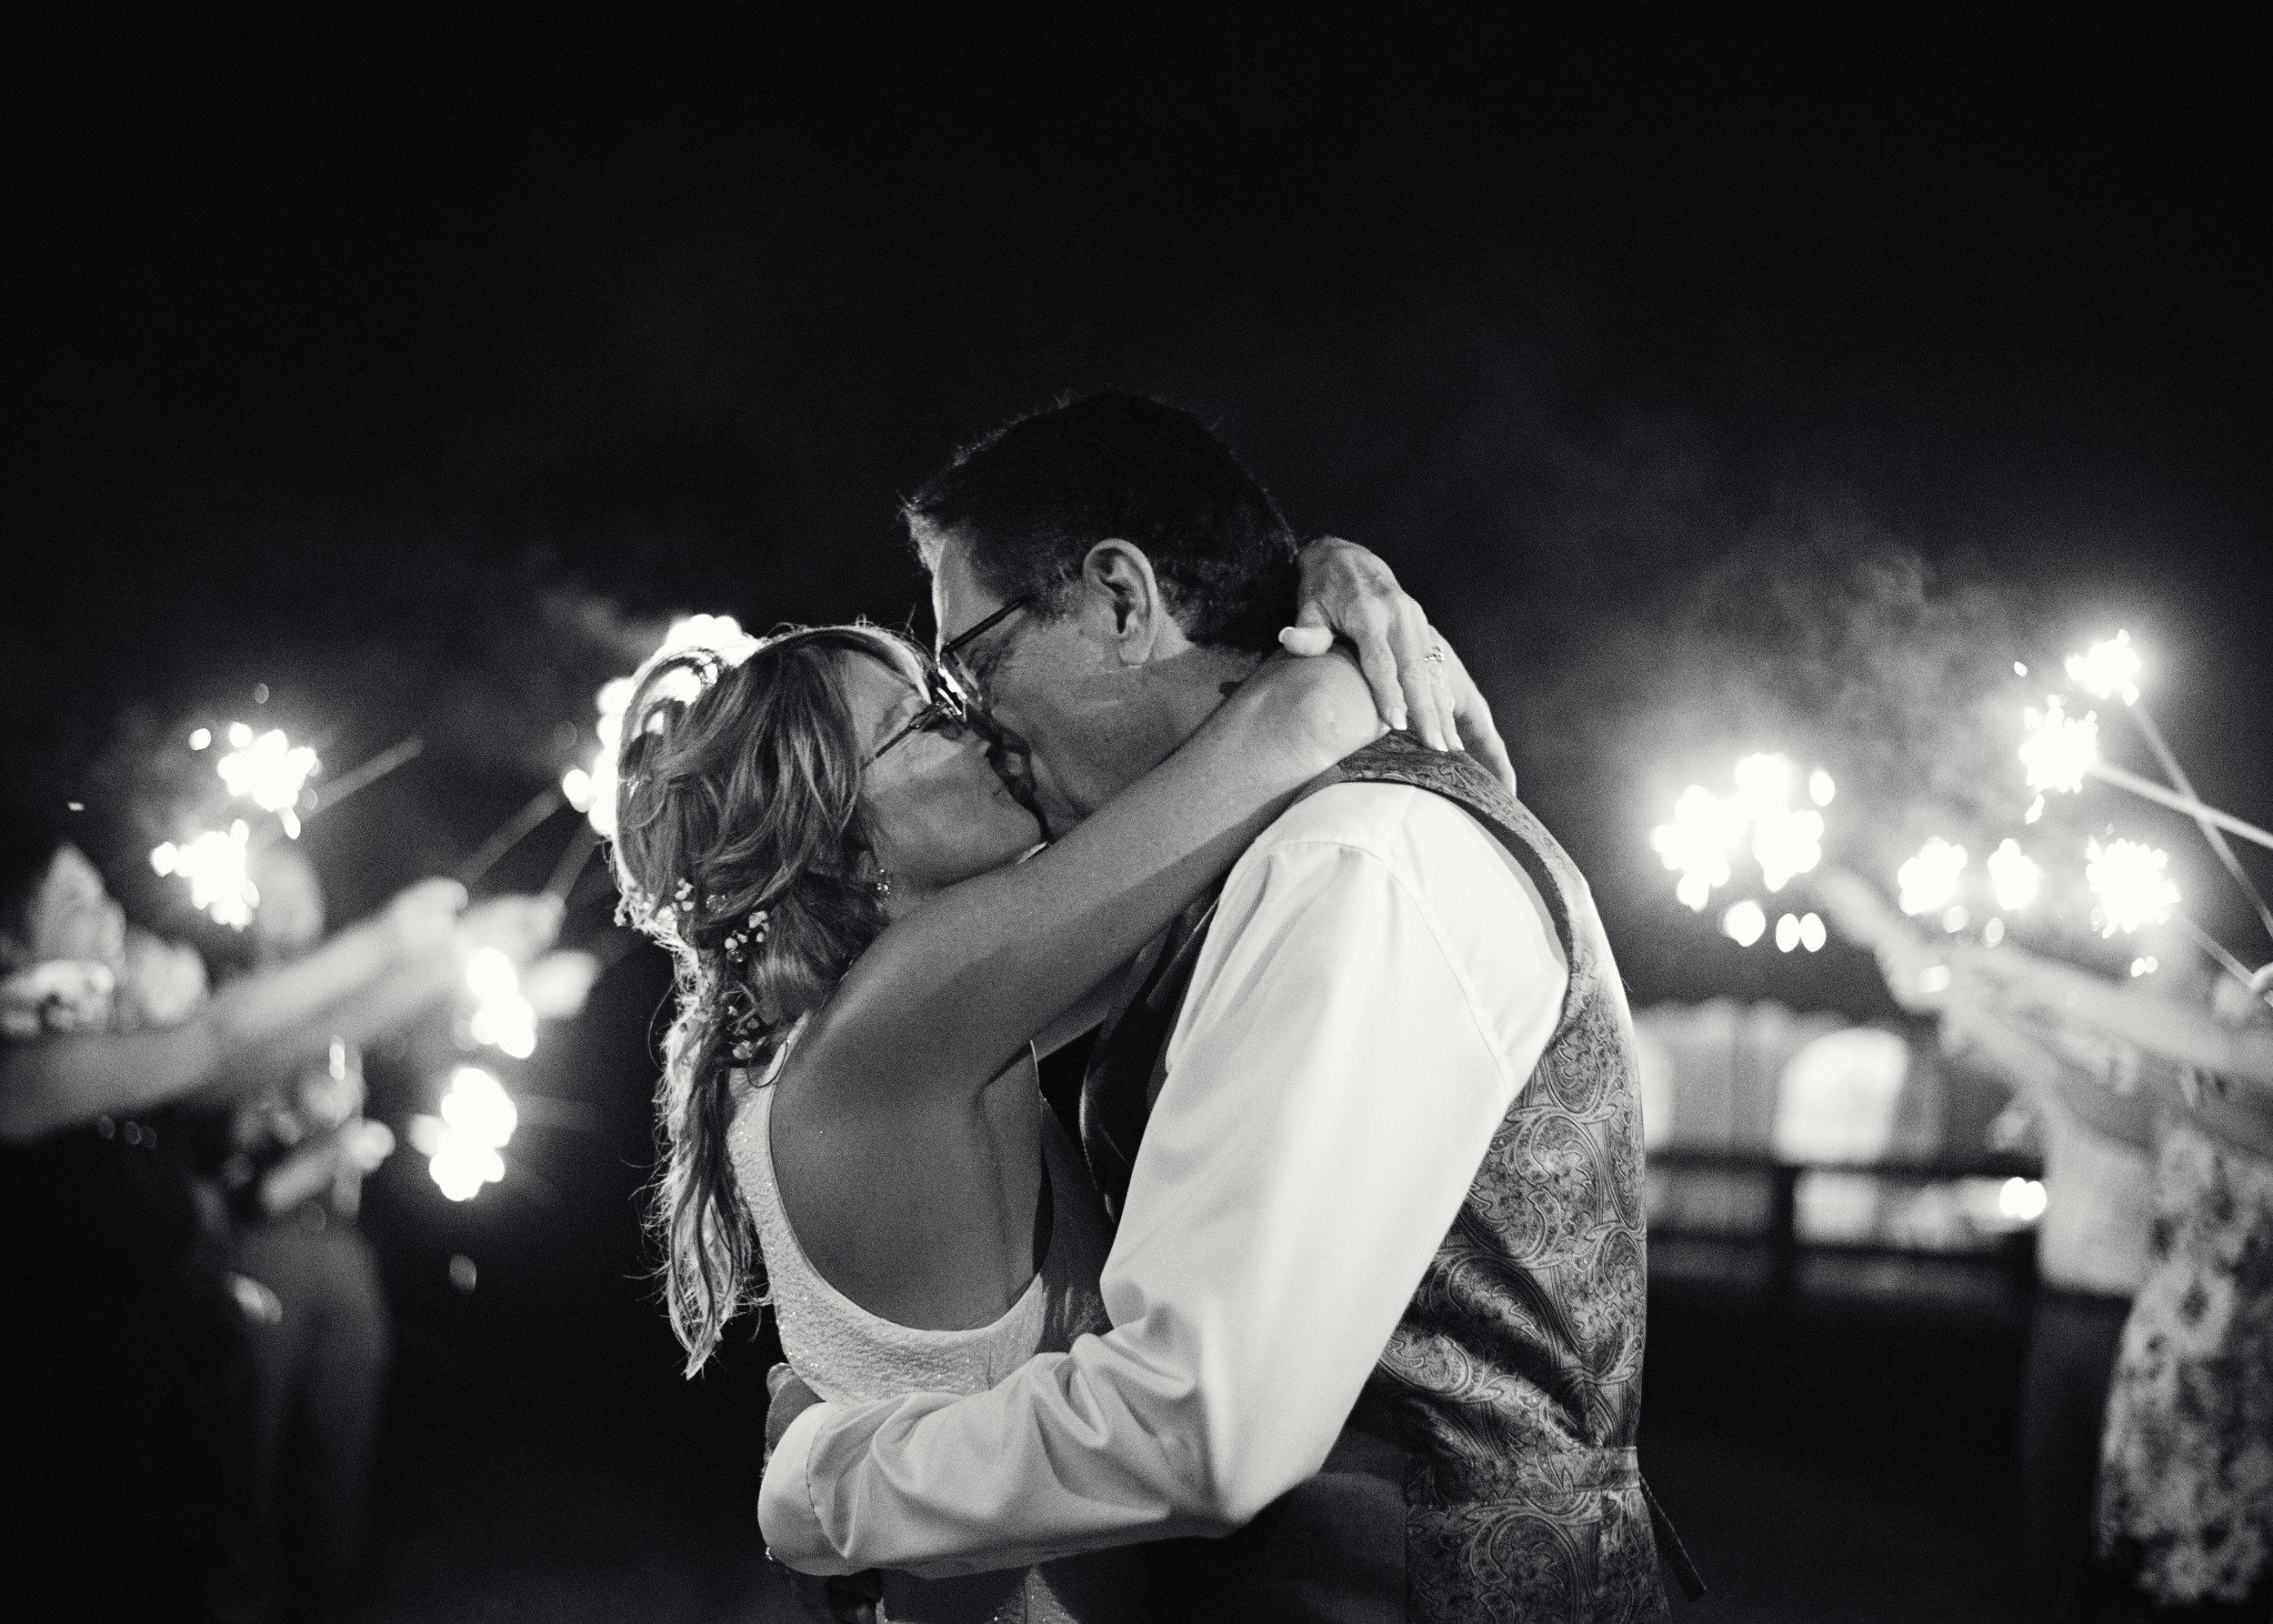 Ruthie+Wayne_Wedding_Sneak_Peek_34.jpg